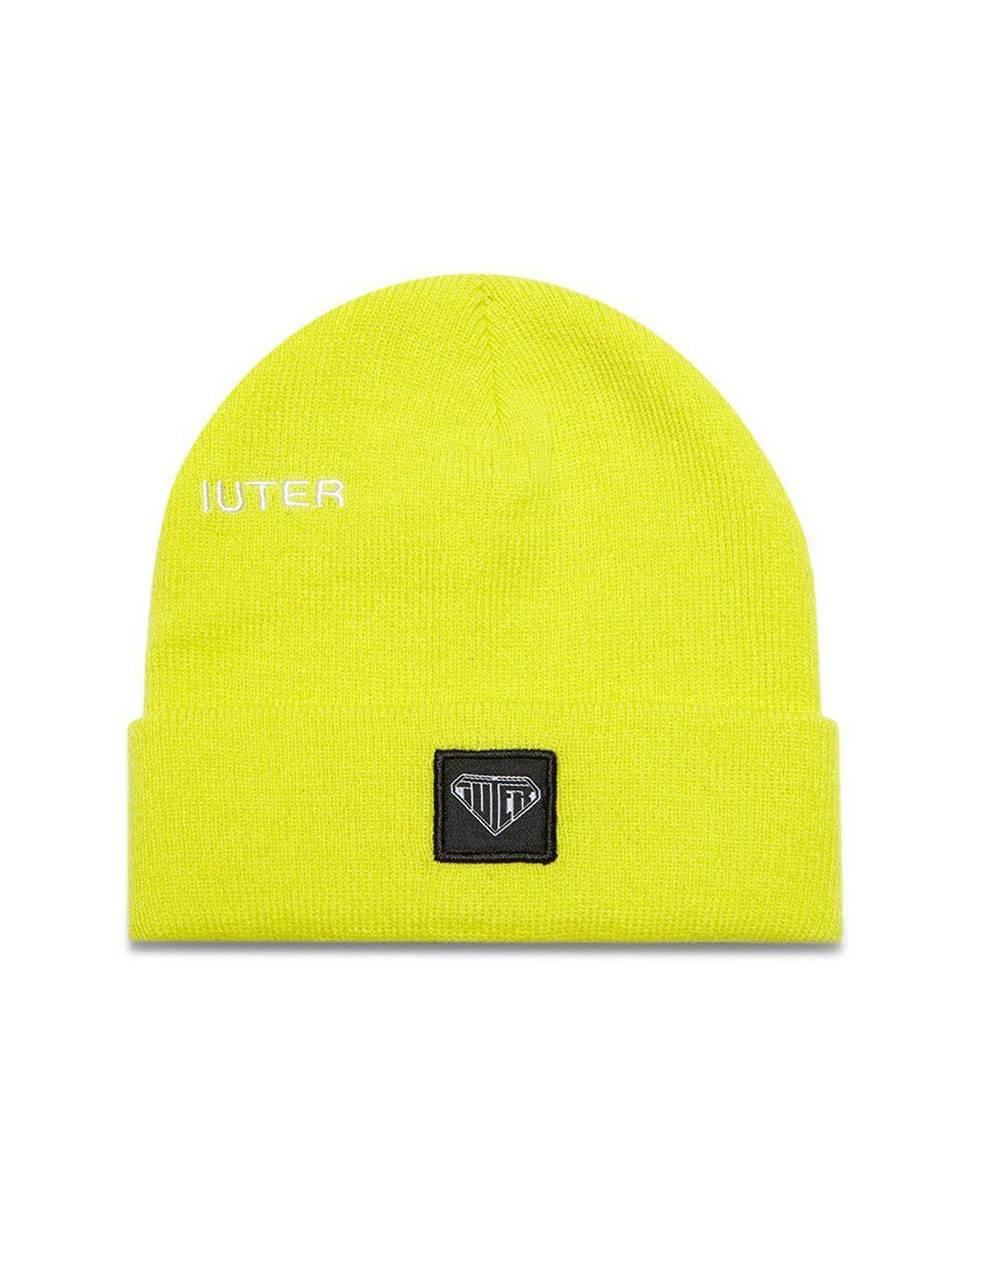 Iuter logo fold beanie - Neon Yellow IUTER Beanie 39,00€